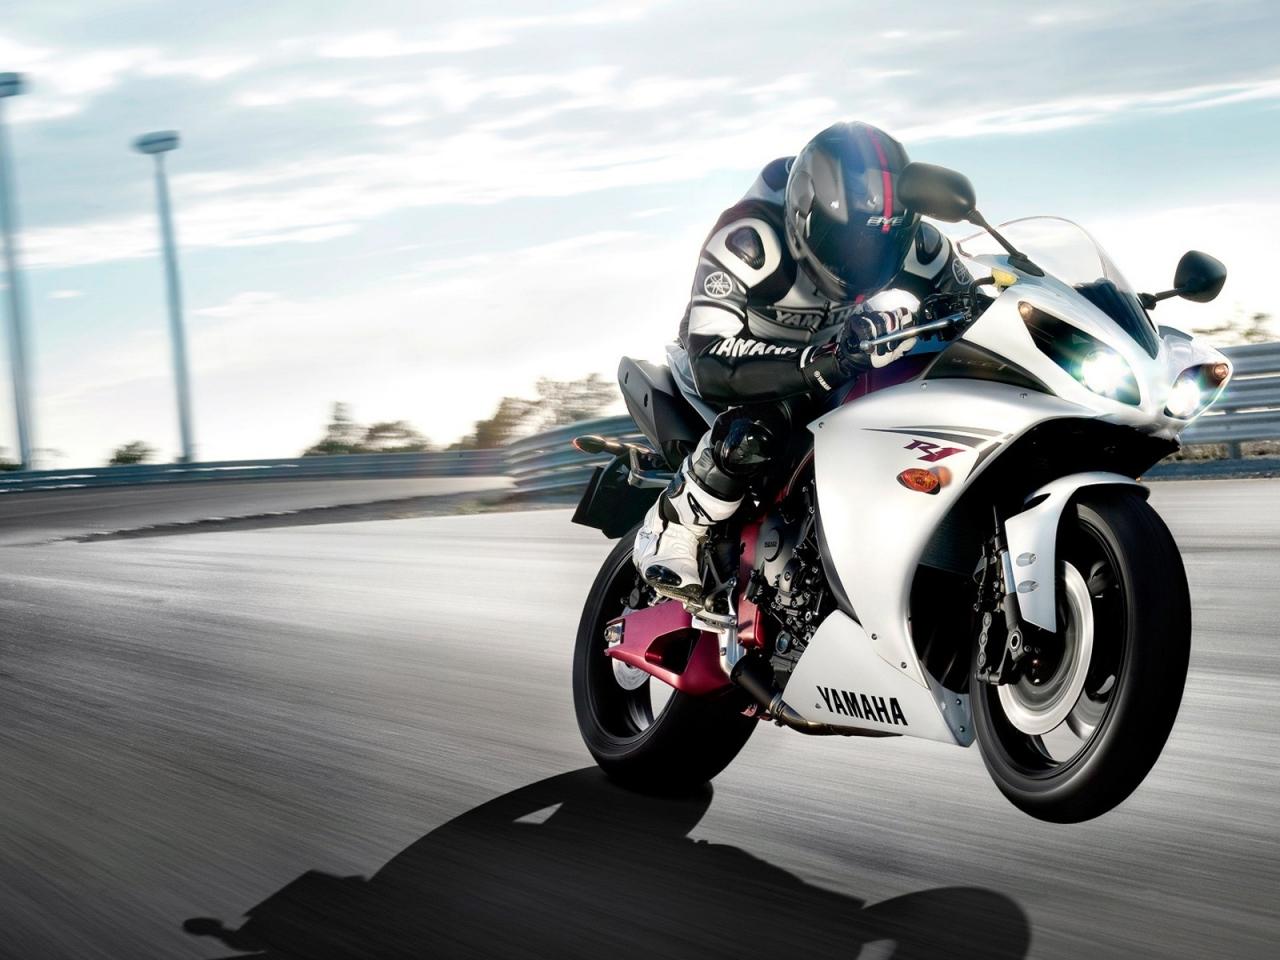 Motos Yamaha - 1280x960